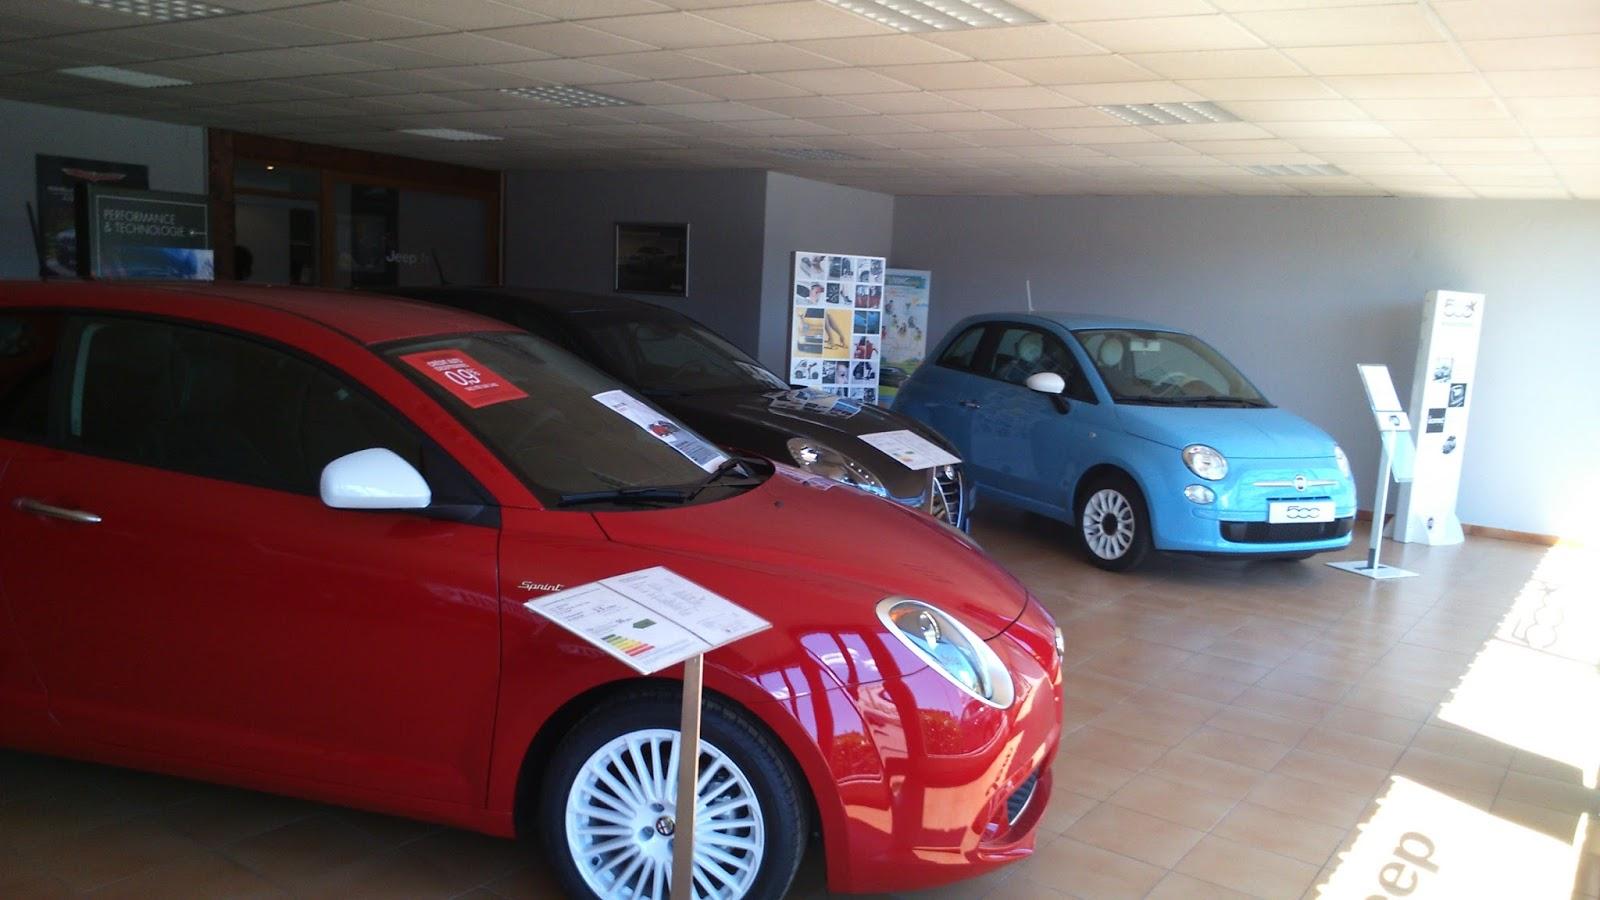 Garage libert ajaccio nouveau porto vecchio for Garage fiat porto vecchio